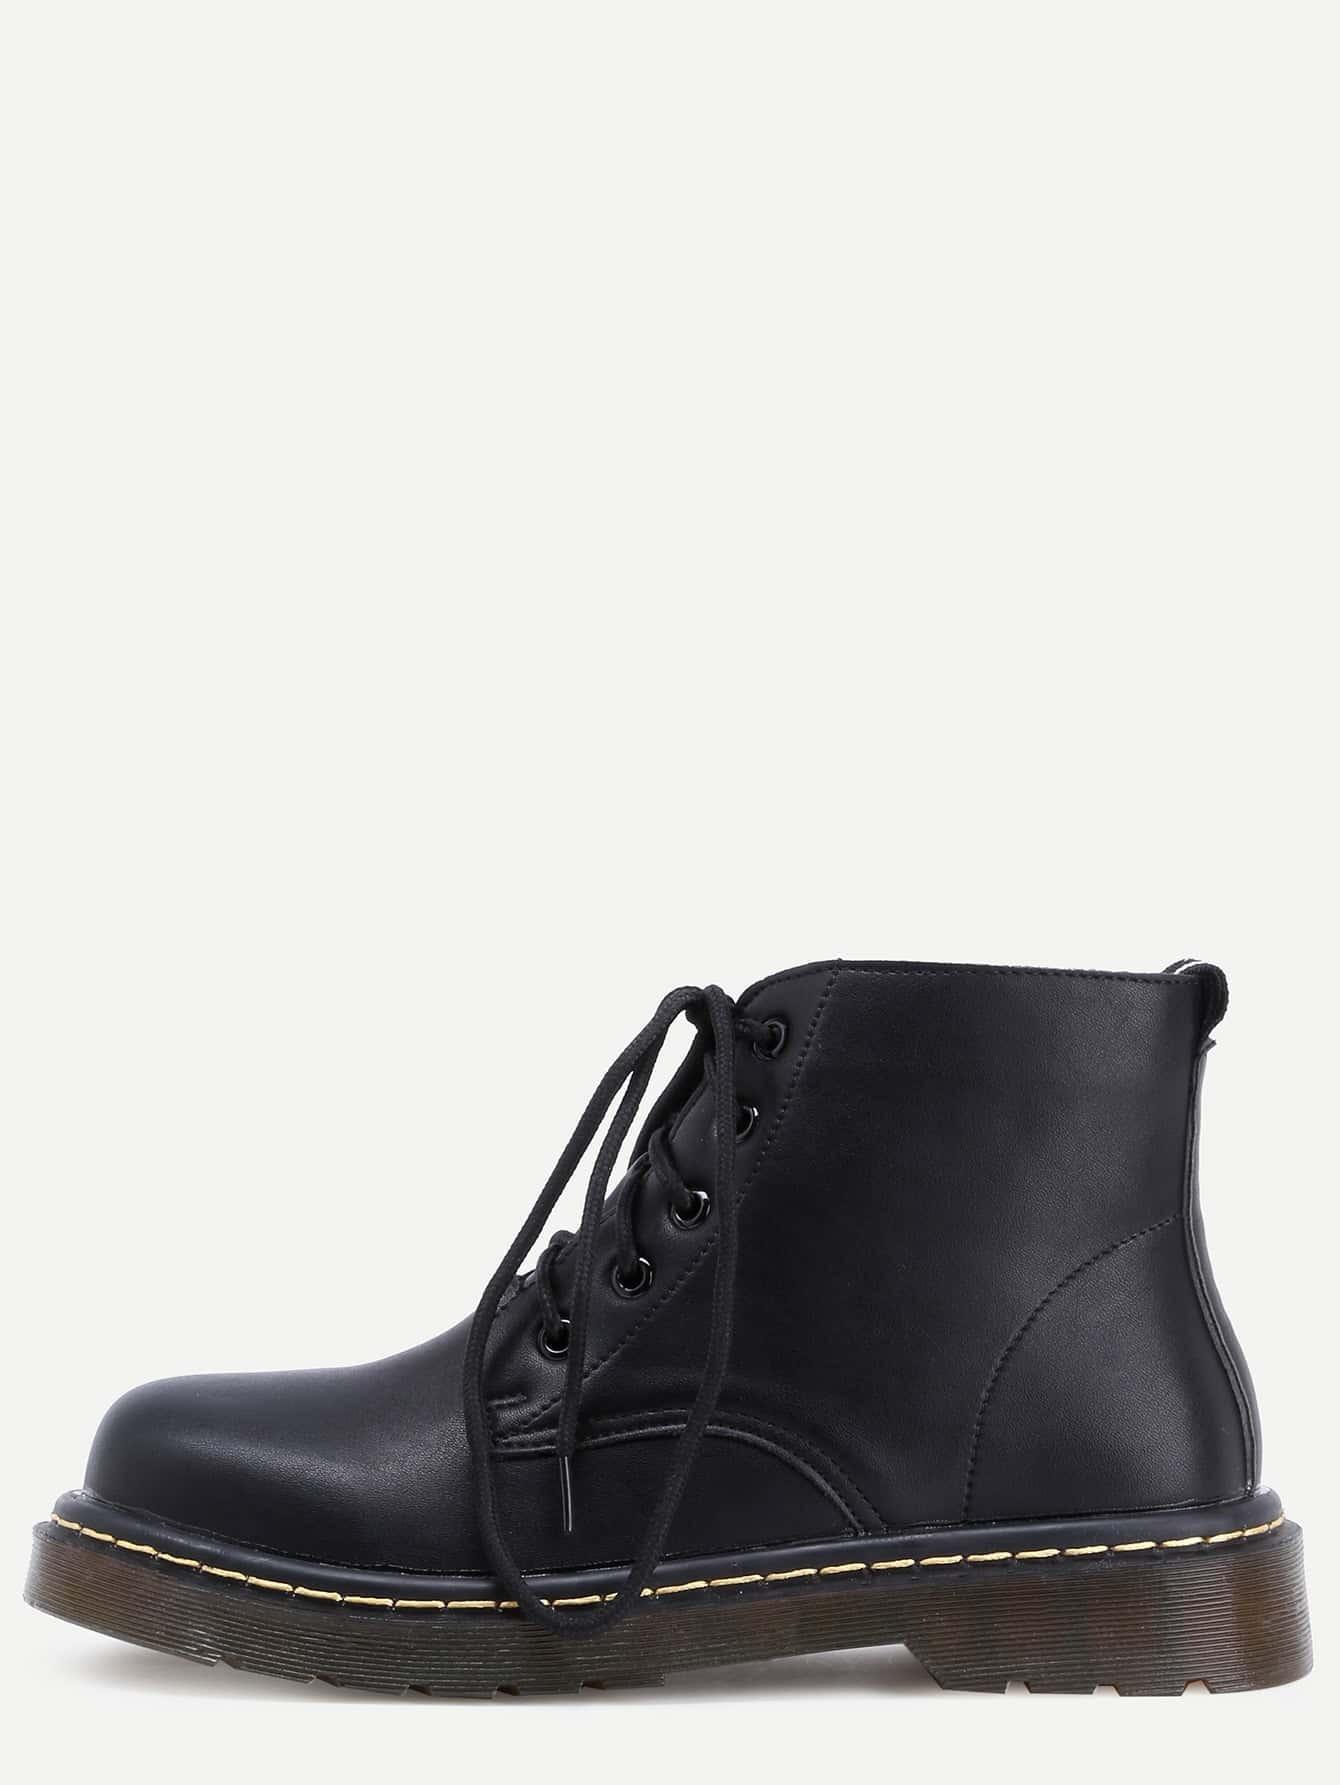 shoes160812801_2